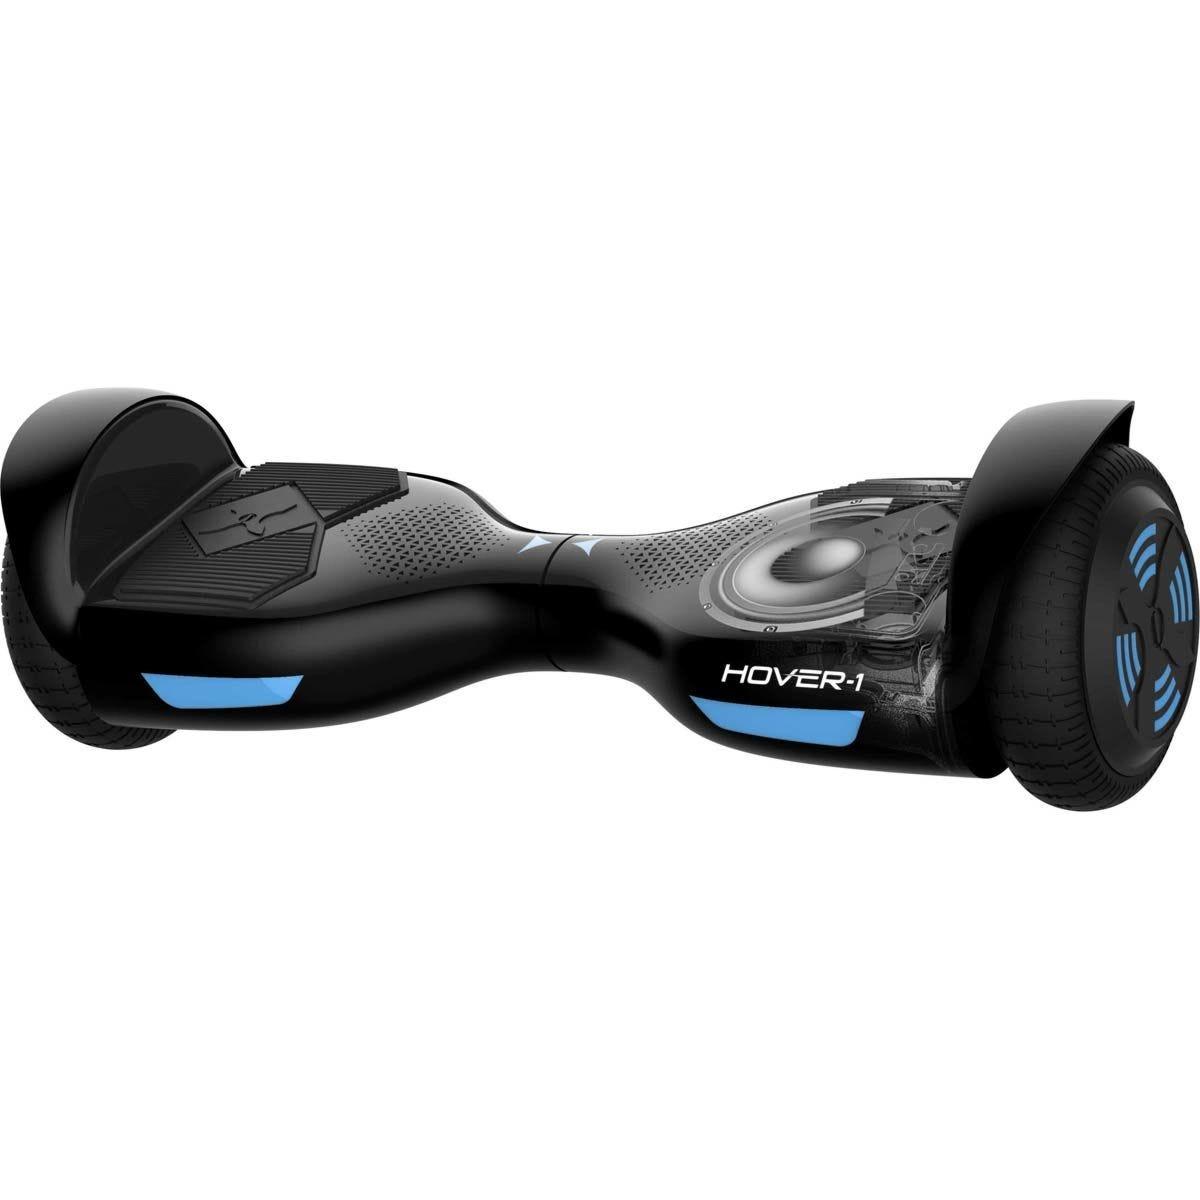 Hover-1 Helix Hoverboard - Black